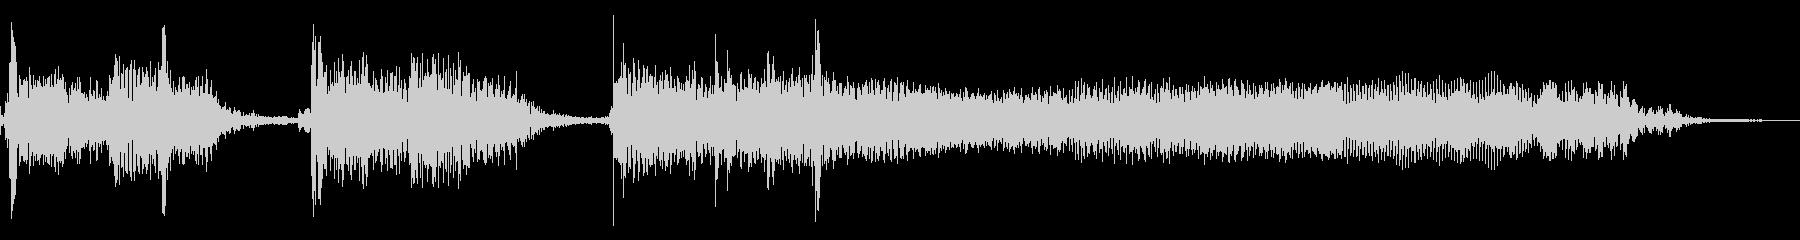 インパクトあるロックなジングル02の未再生の波形